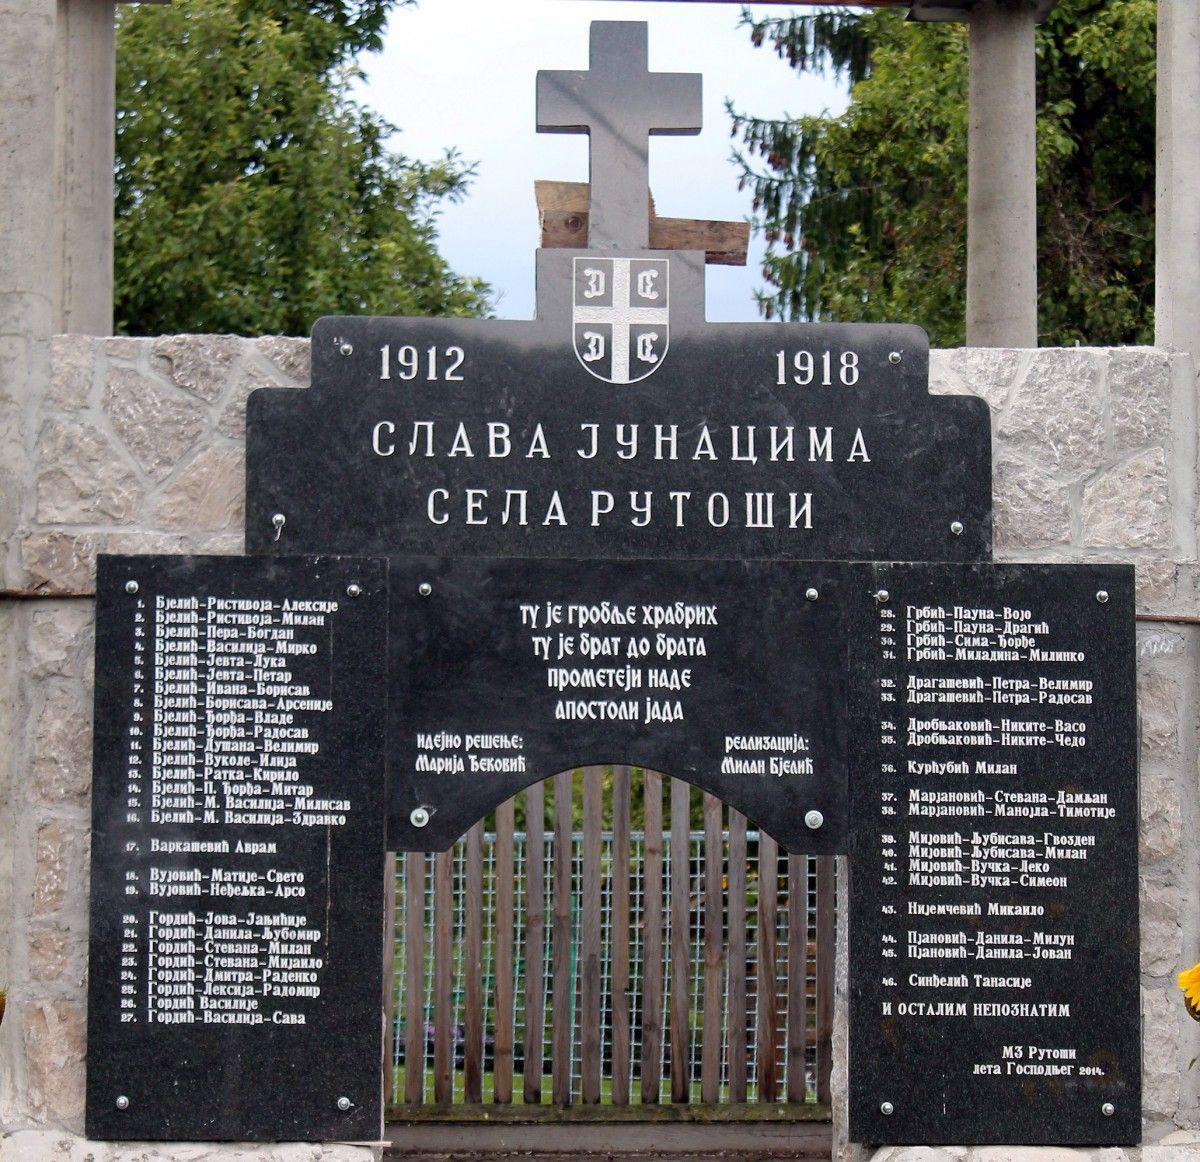 Slava junacima sela Rutoši - zapisano je na obeležju pored škole